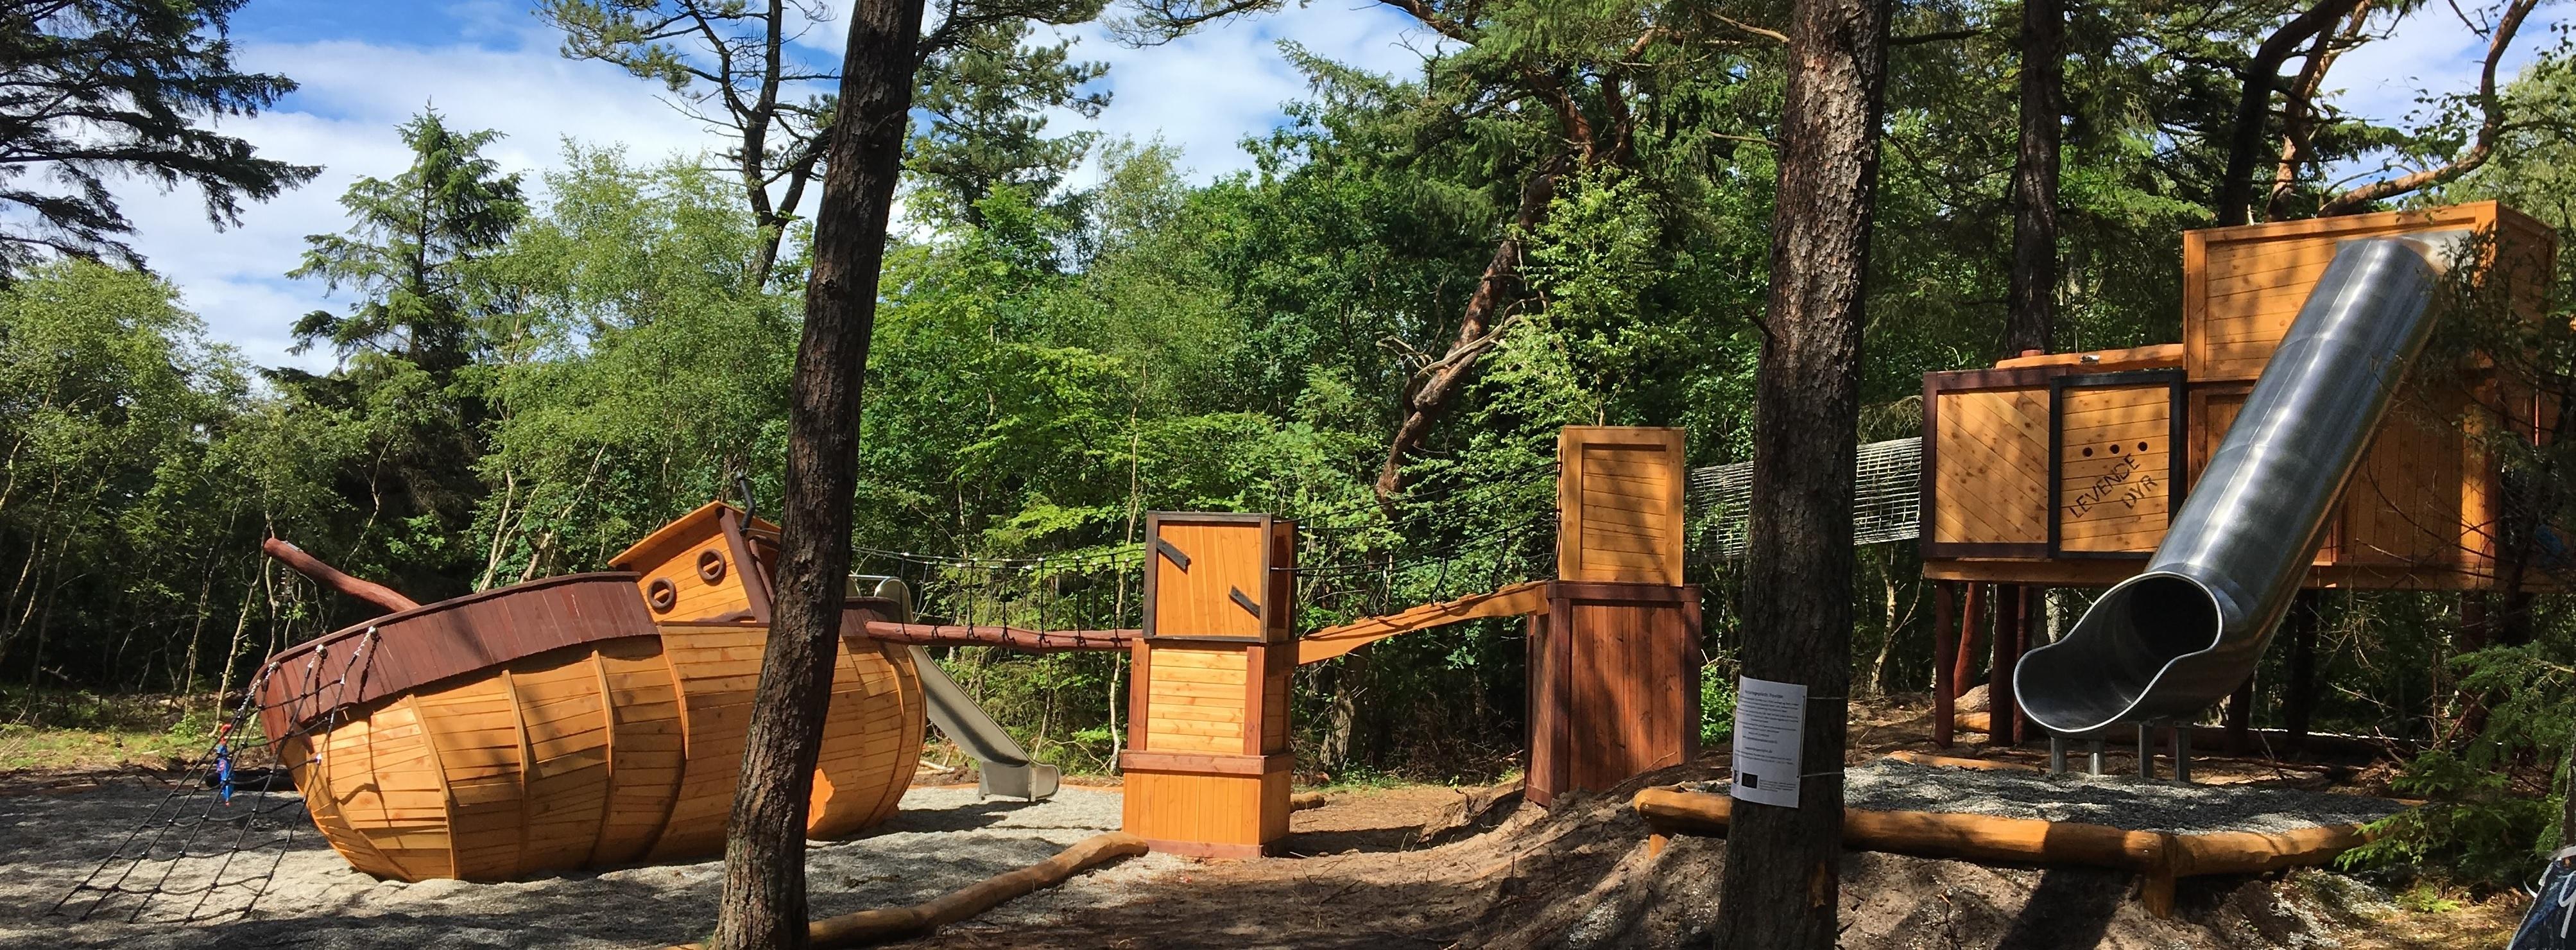 Naturlegeplads med flotte naturlegepladsudstyr - legeplads i skoven nær Tisvildeleje